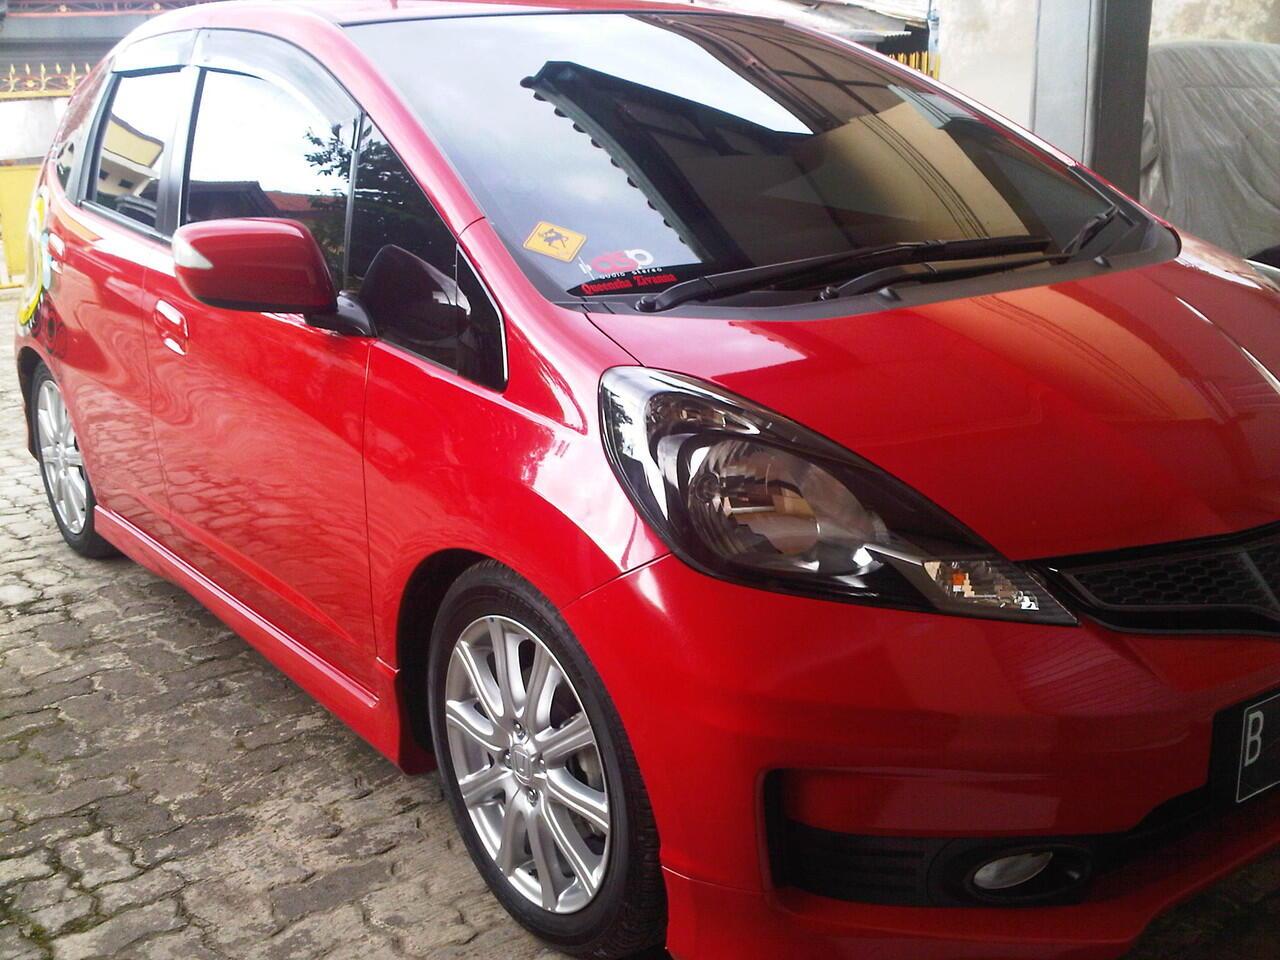 8400 Gambar Mobil Honda Jazz Merah 2014 Gratis